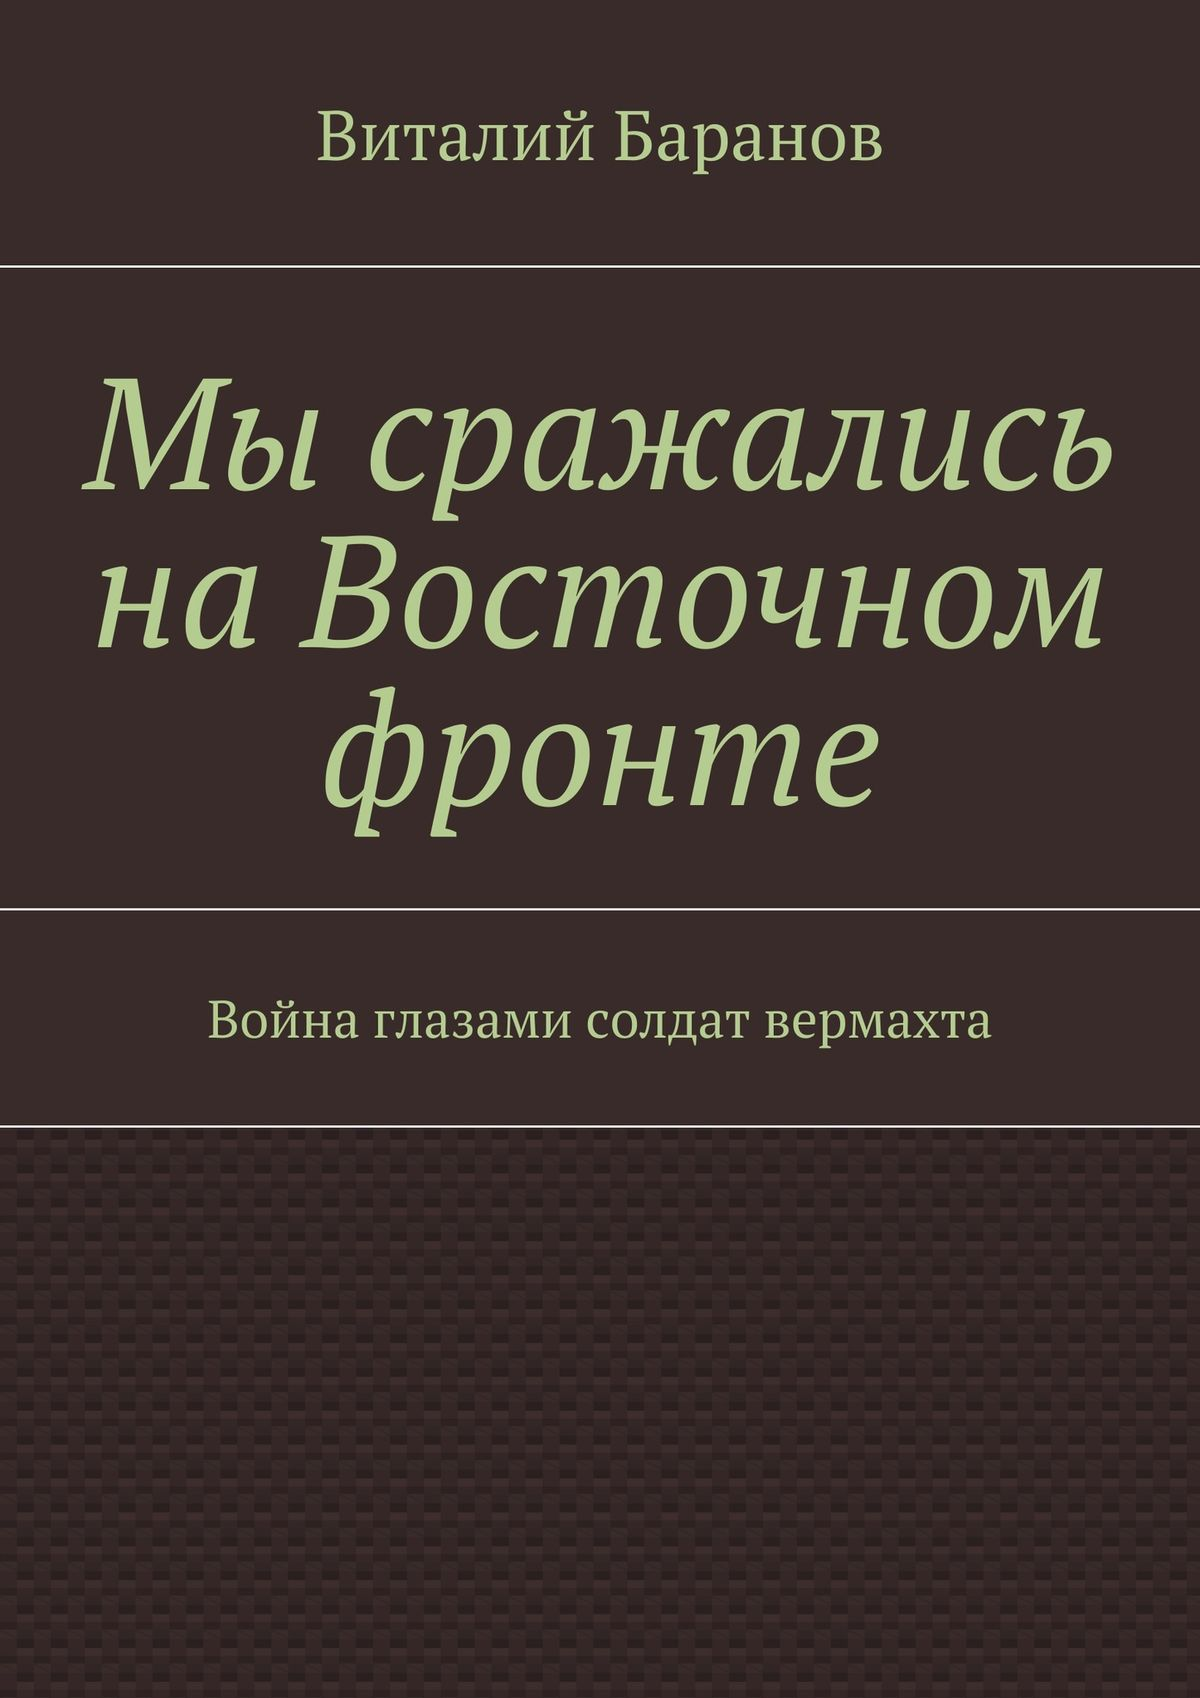 Виталий Баранов Мы сражались наВосточном фронте. Война глазами солдат вермахта виталий баранов сбоевого задания не